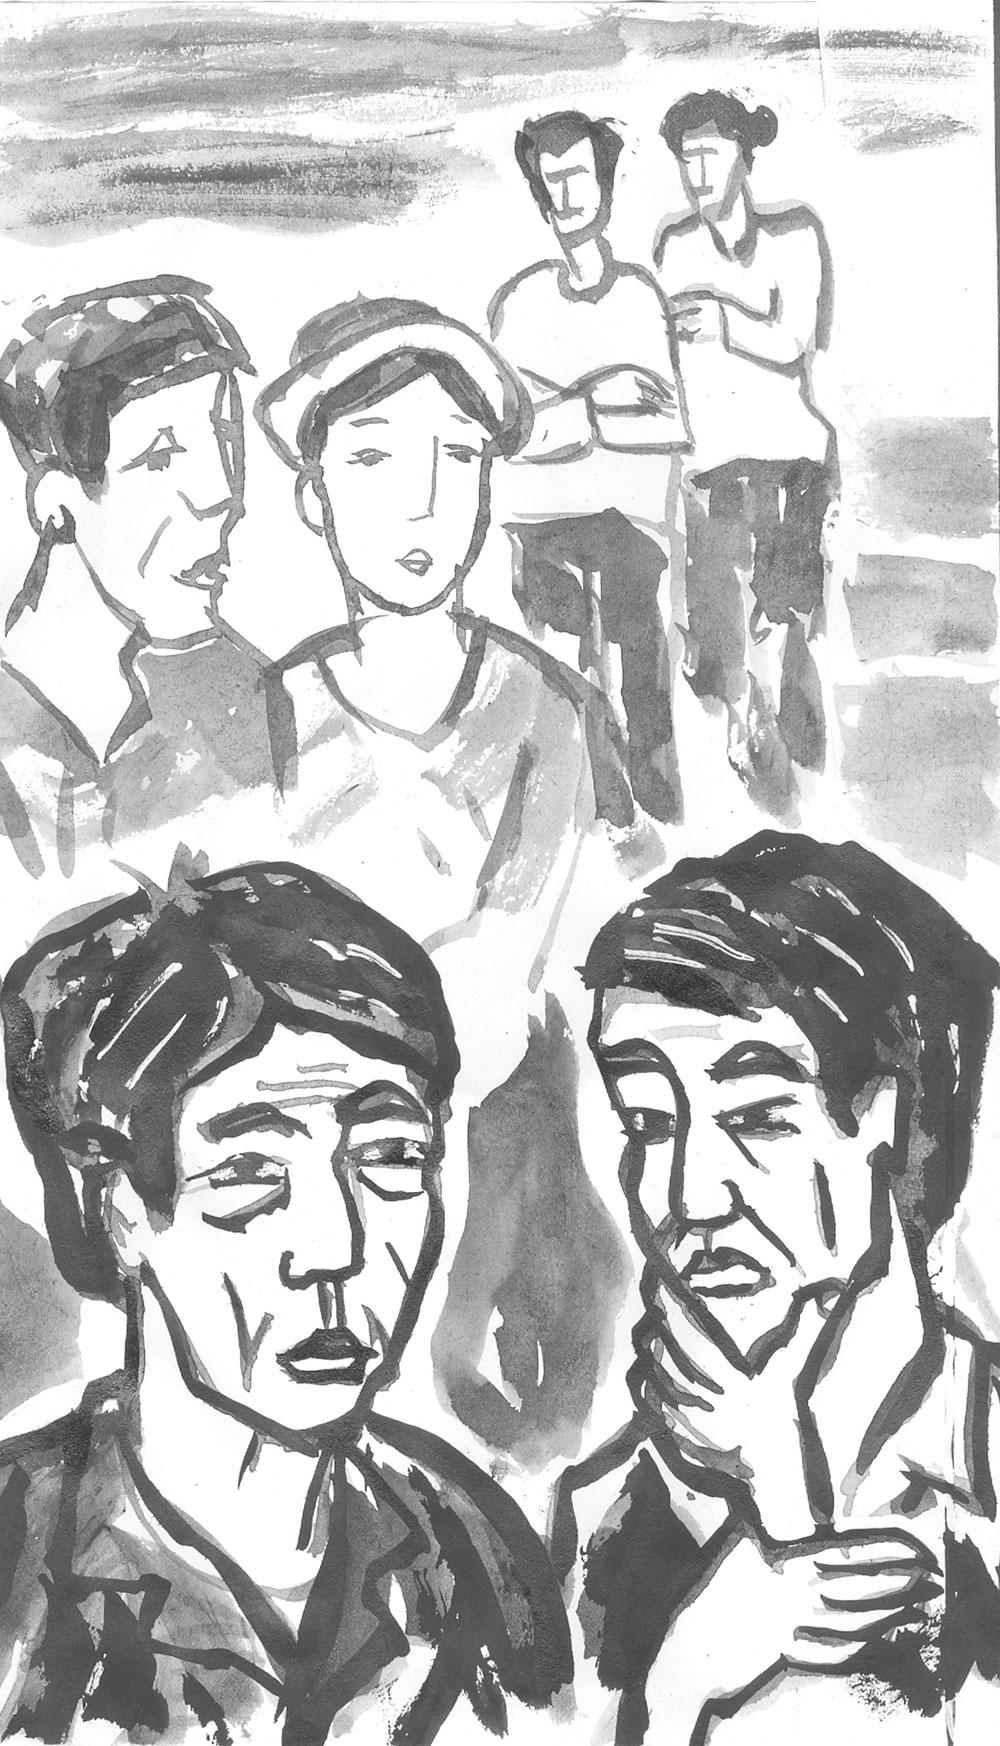 Truyện ngắn, văn học, Bắc Giang, bìm bìn  nở muộn, hạnh phúc giản dị, quả ngọt của thầy, Mẹ kế, vàng, Bắc Giang